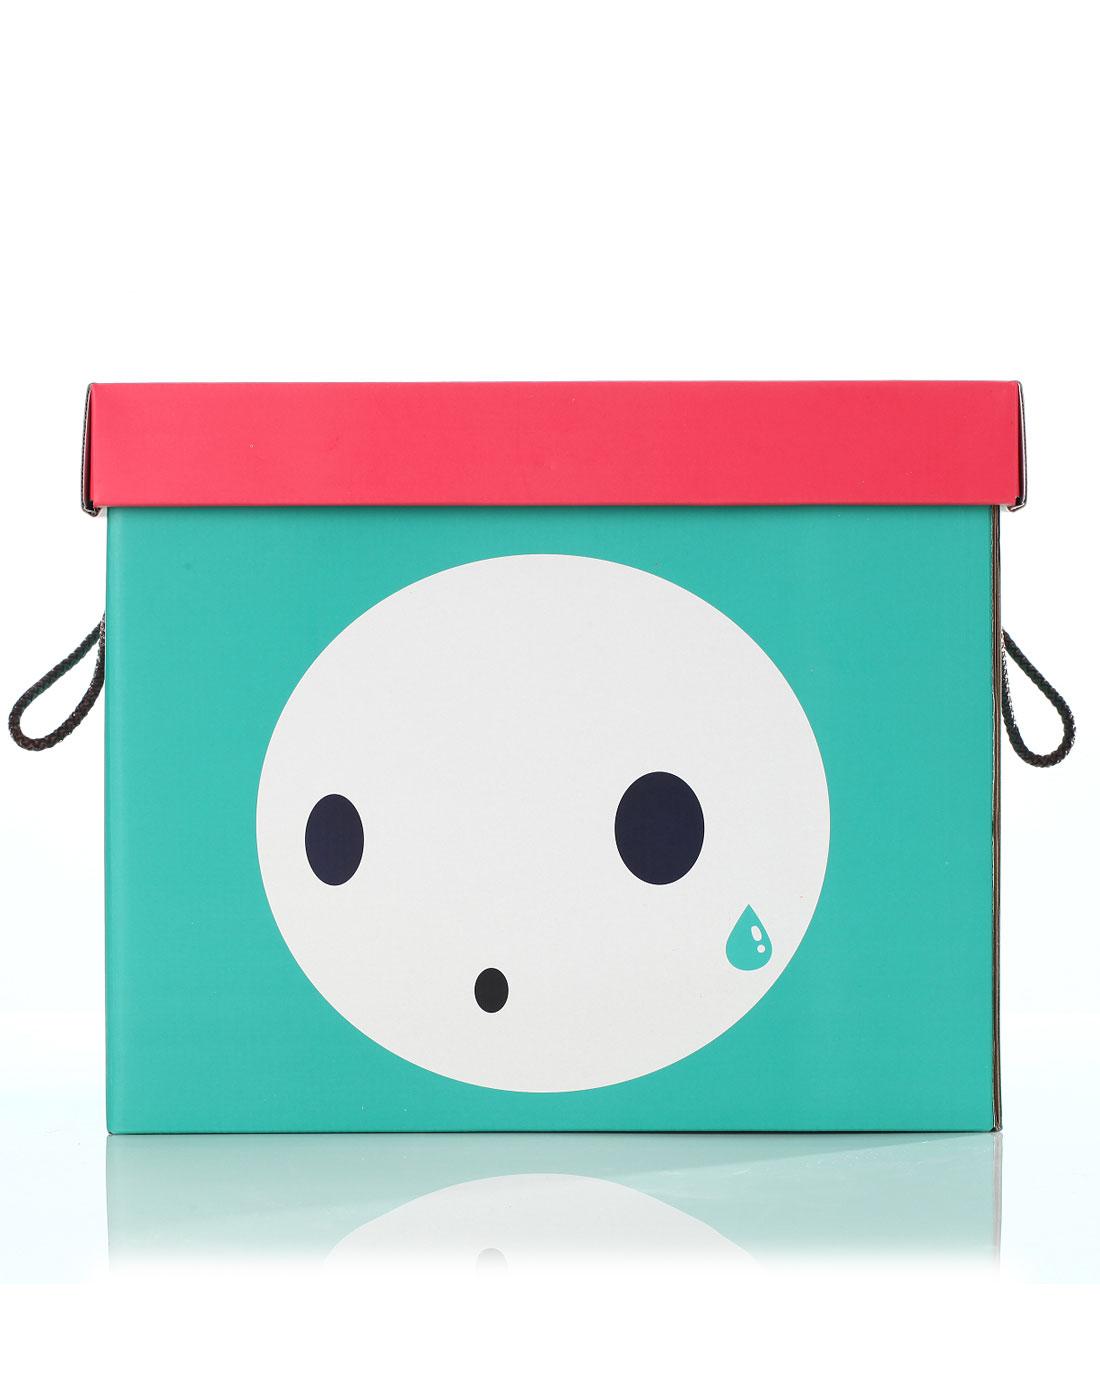 可爱表情系列收纳箱-绿色